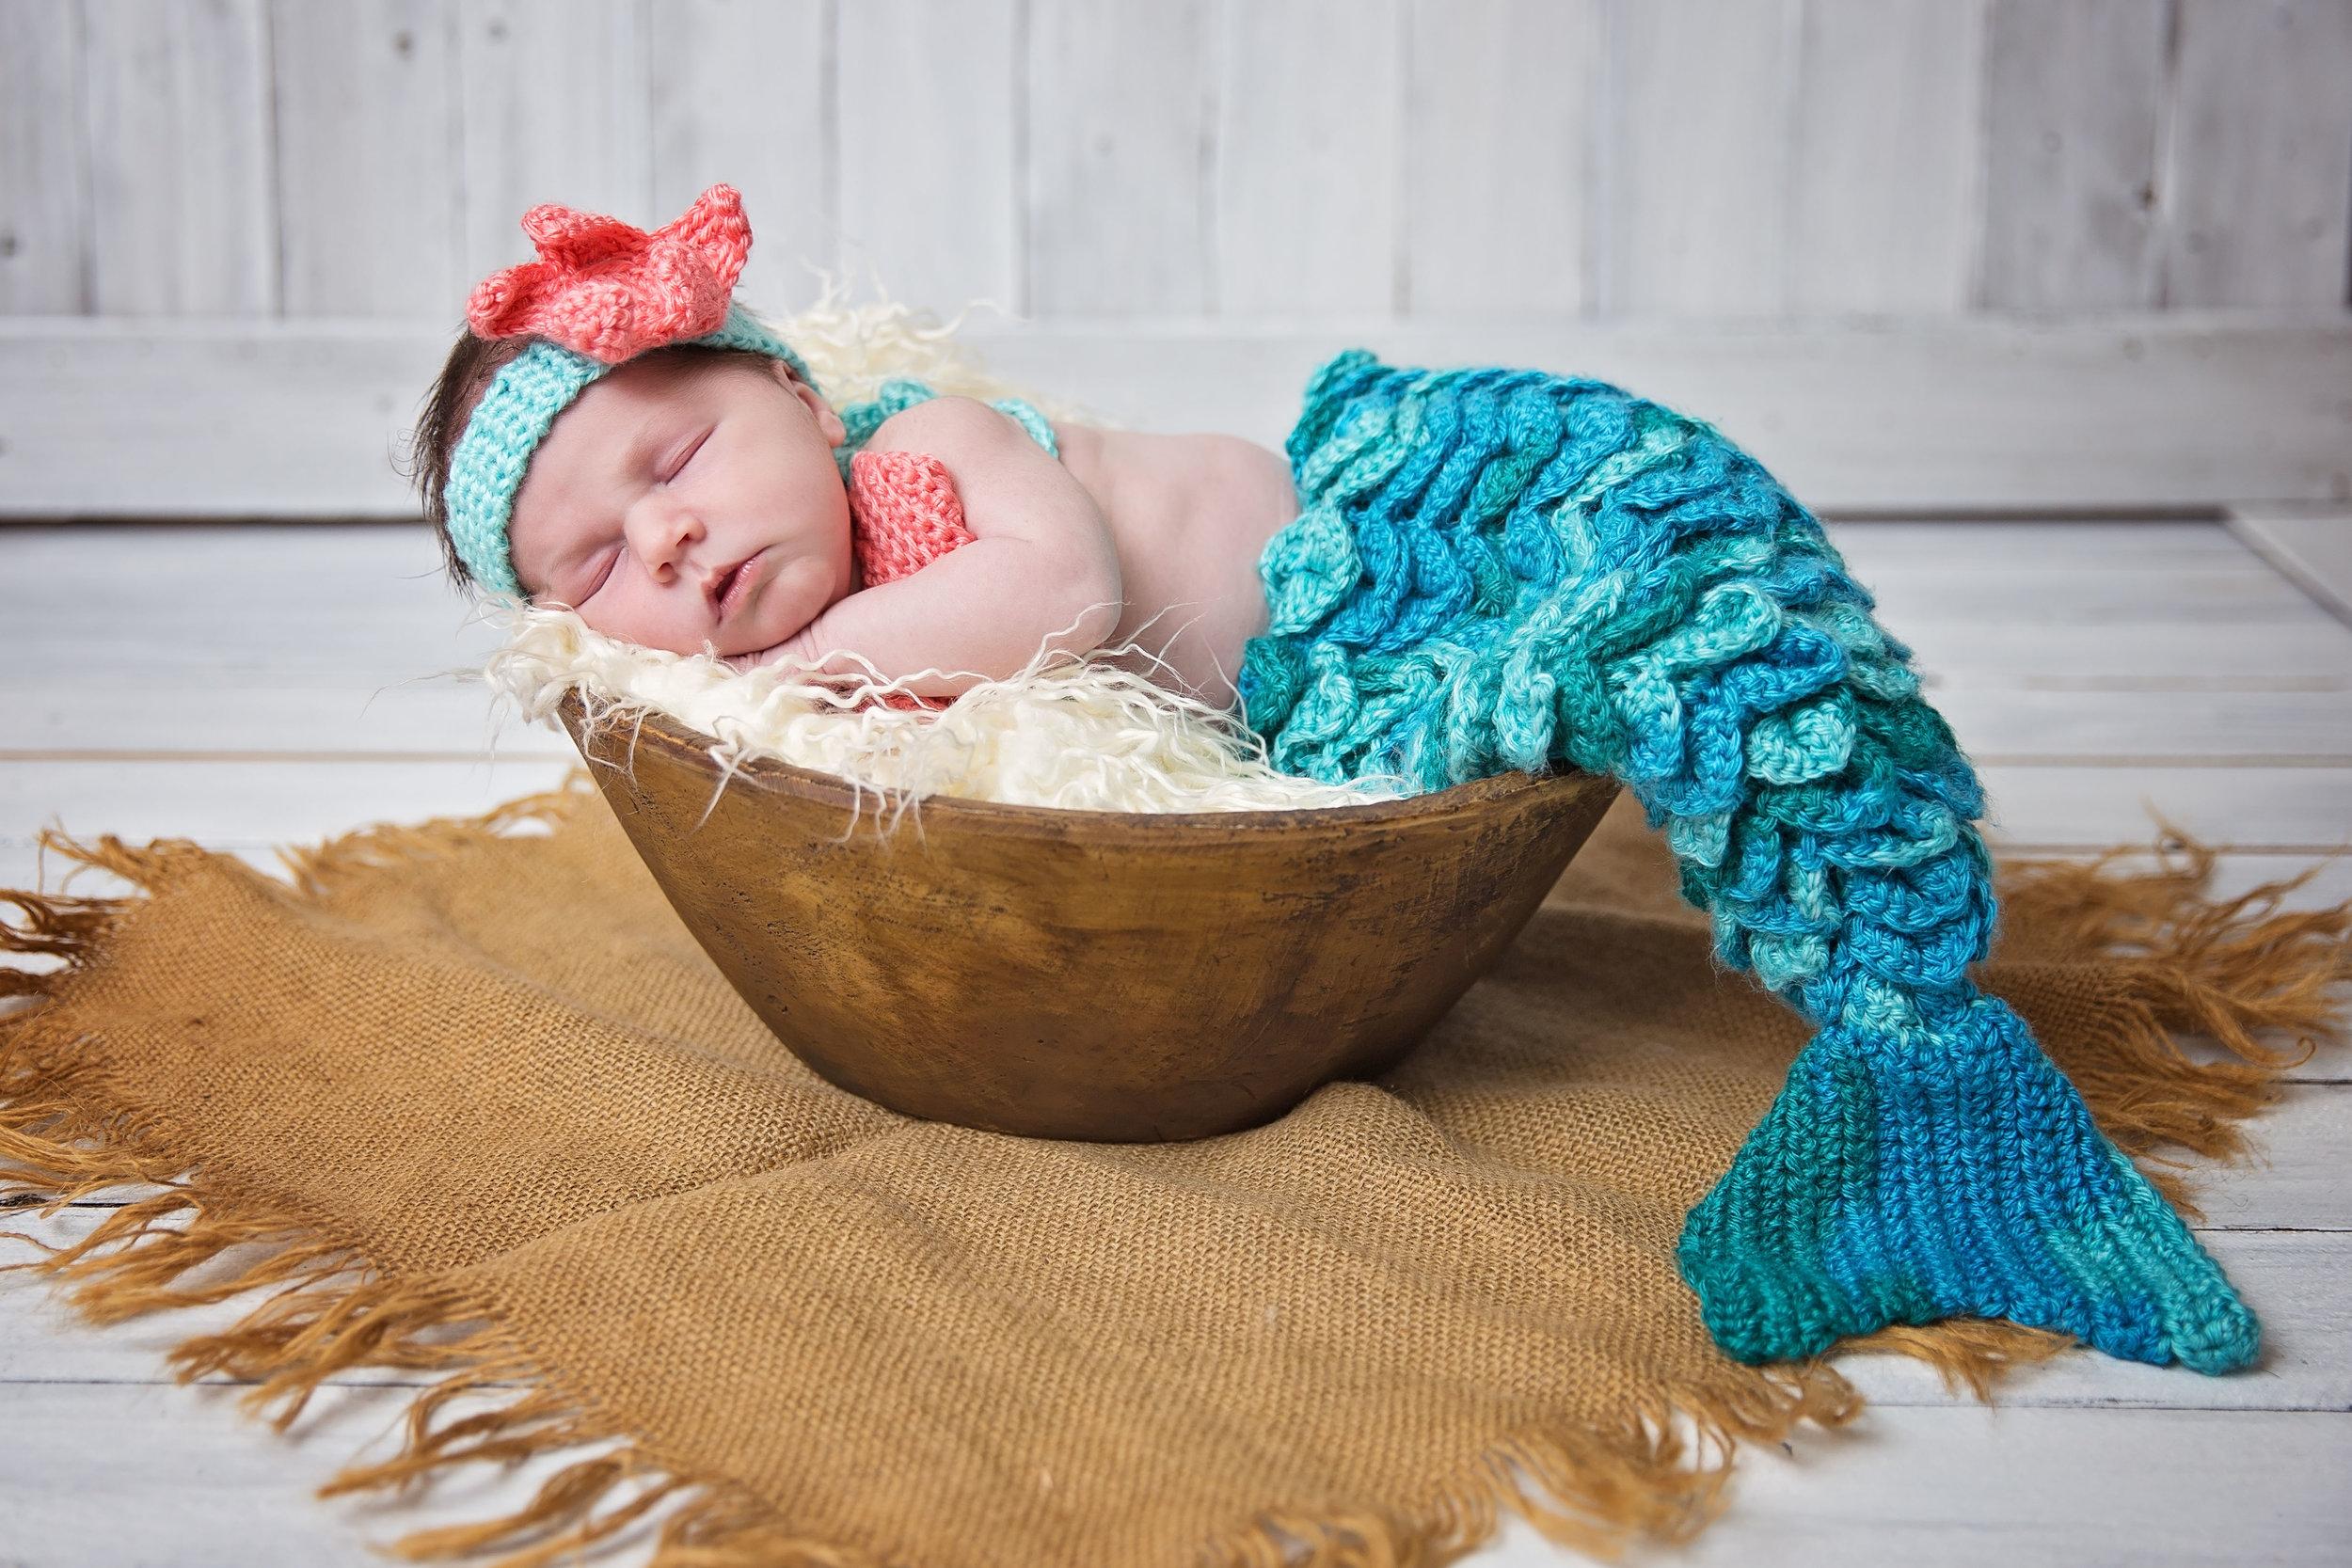 mermaid baby newborn studio photography waynvesville missouri